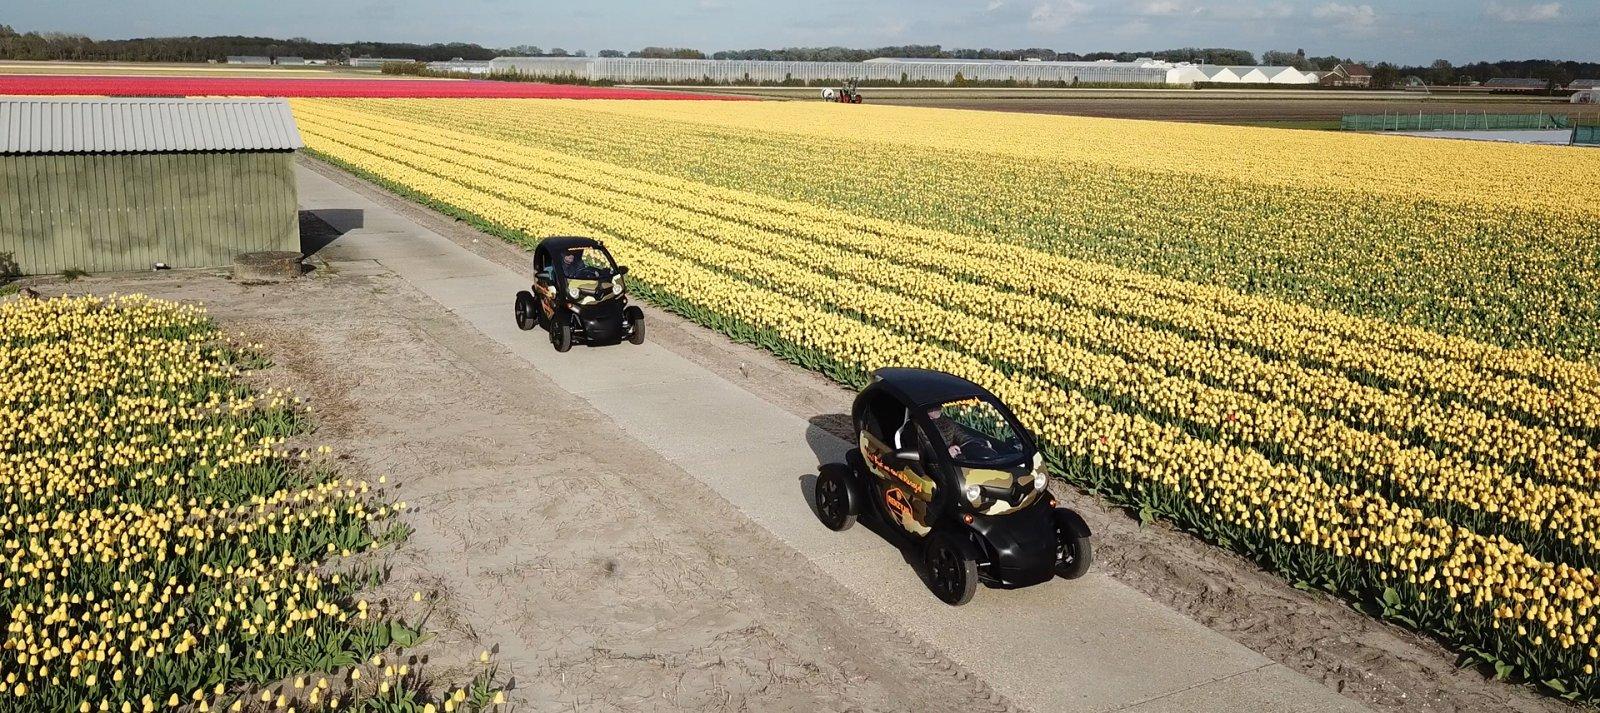 Met een Renault Twizy toeren door de Tulpenvelden